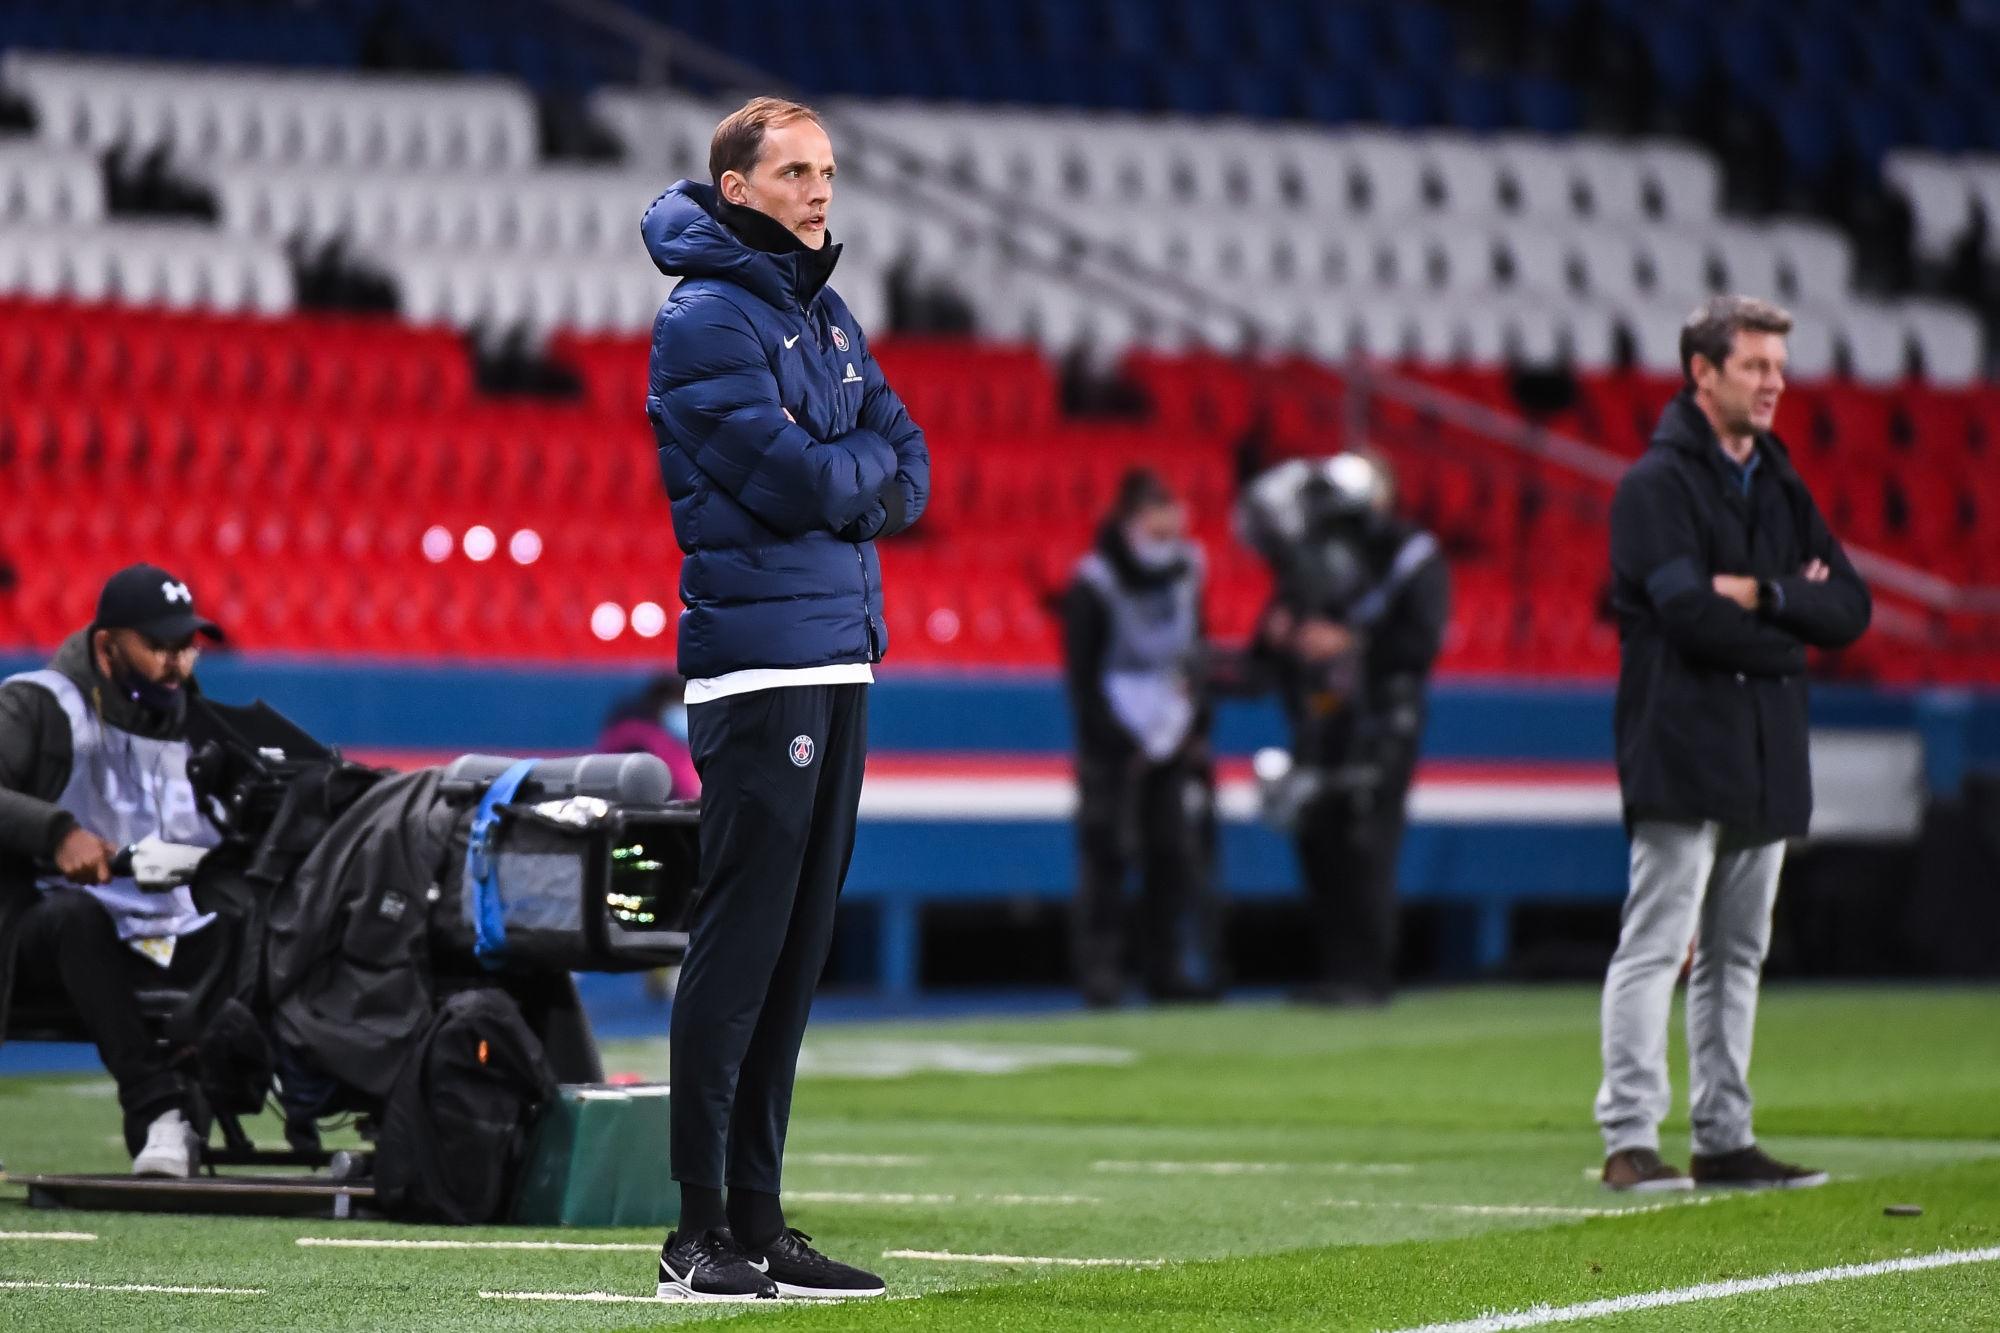 """PSG/Dijon - Tuchel rappelle """"ce n'est jamais facile de toujours gagner."""""""